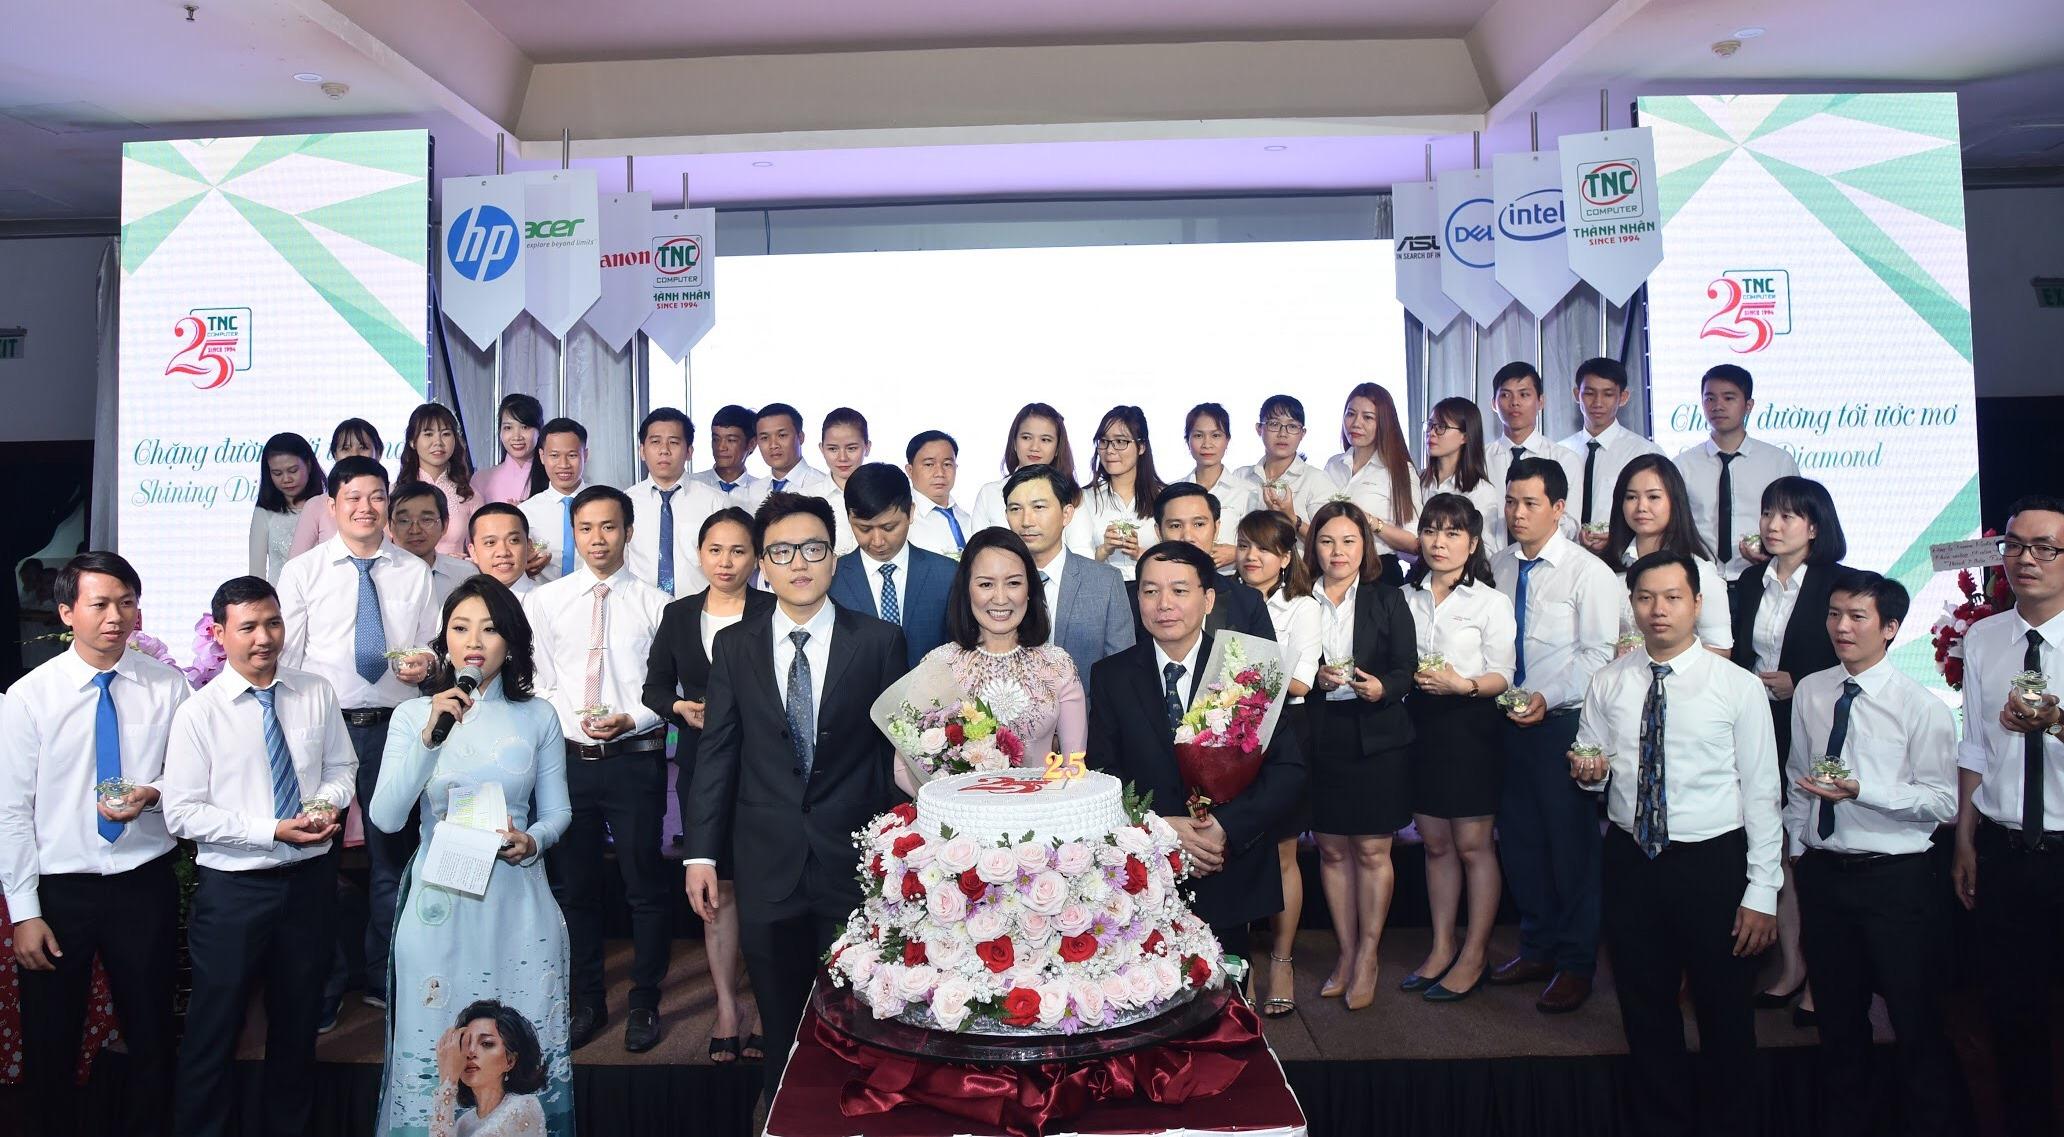 Thành Nhân TNC kỷ niệm 25 năm thành lập và phát triển